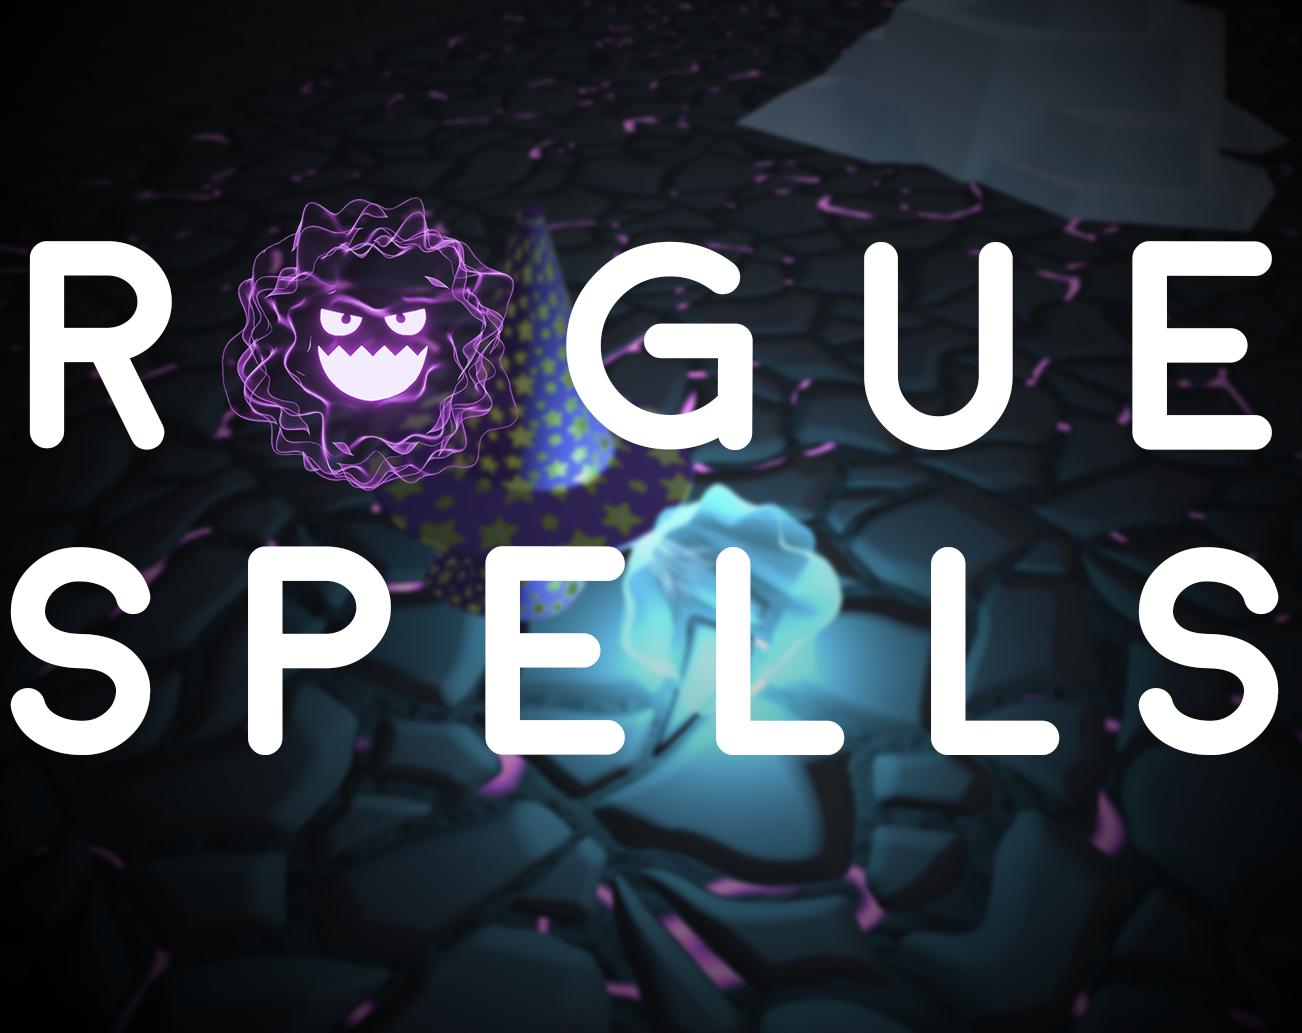 Rogue Spells